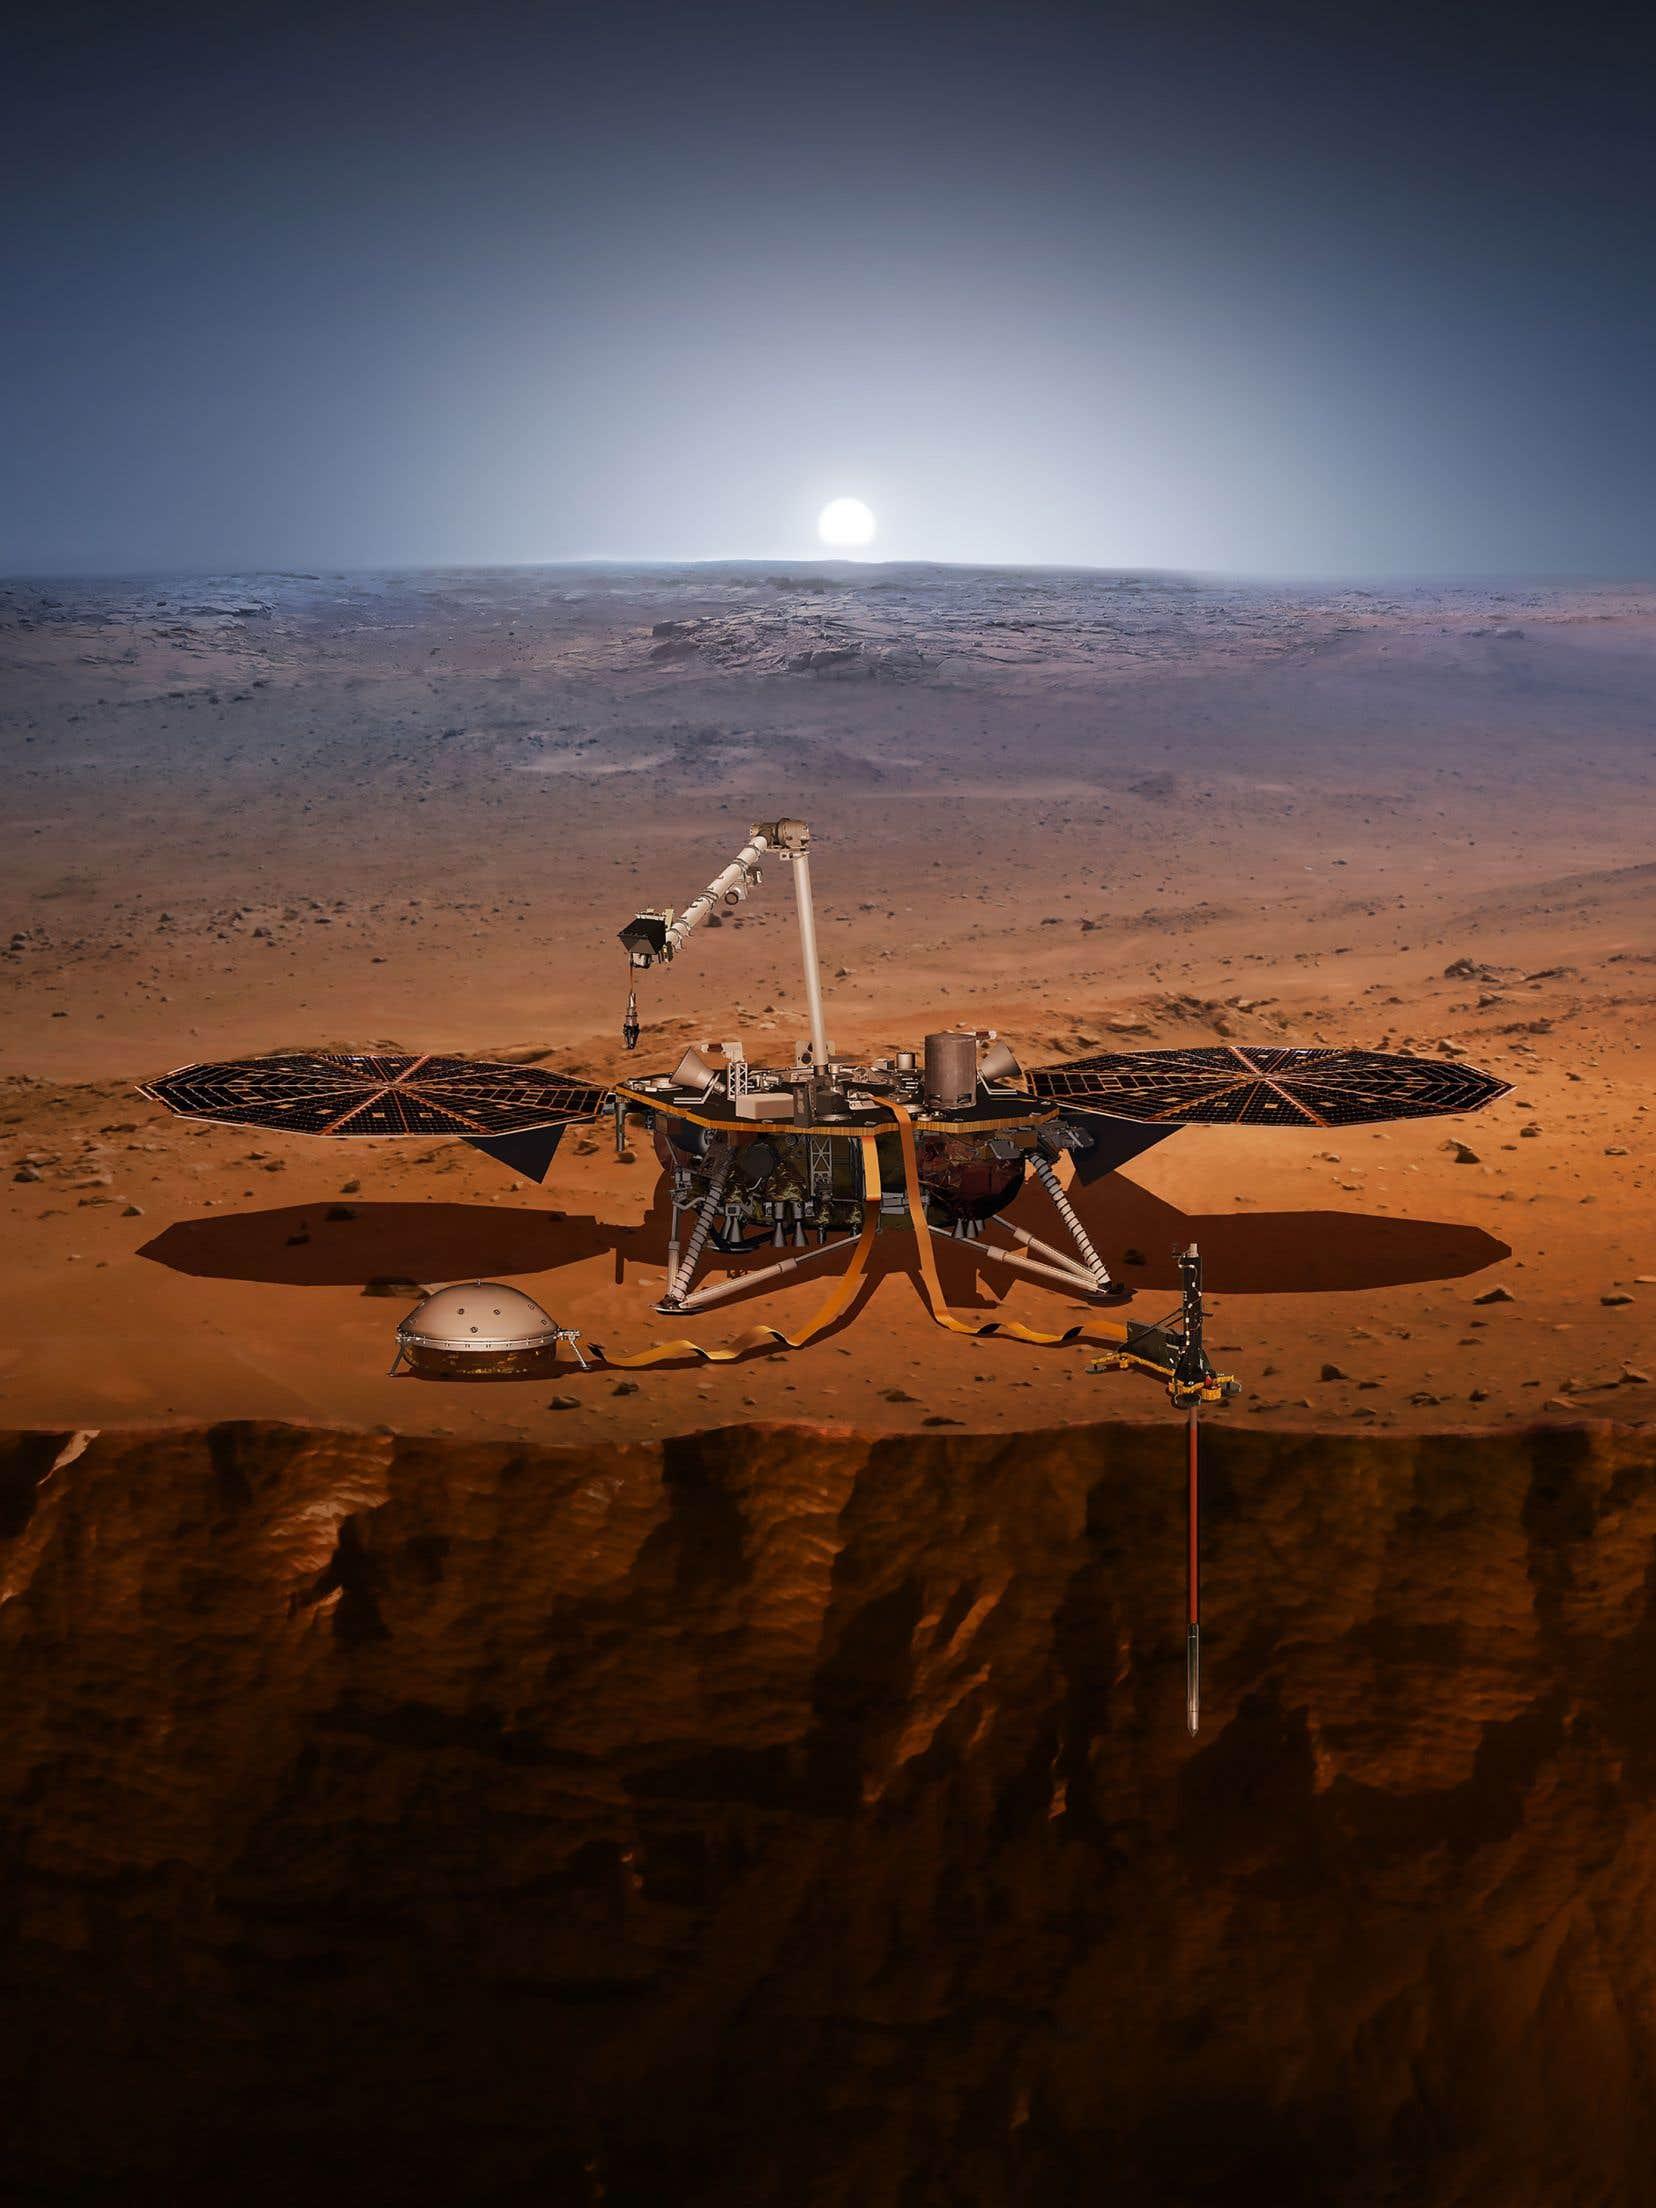 <em>InSight</em> doit récolter des données par le biais de trois instruments: un sismomètre, un dispositif permettant de localiser avec précision la sonde tandis que Mars oscille sur son axe de rotation et un capteur de flux de chaleur inséré à 5 m dans le sous-sol martien.